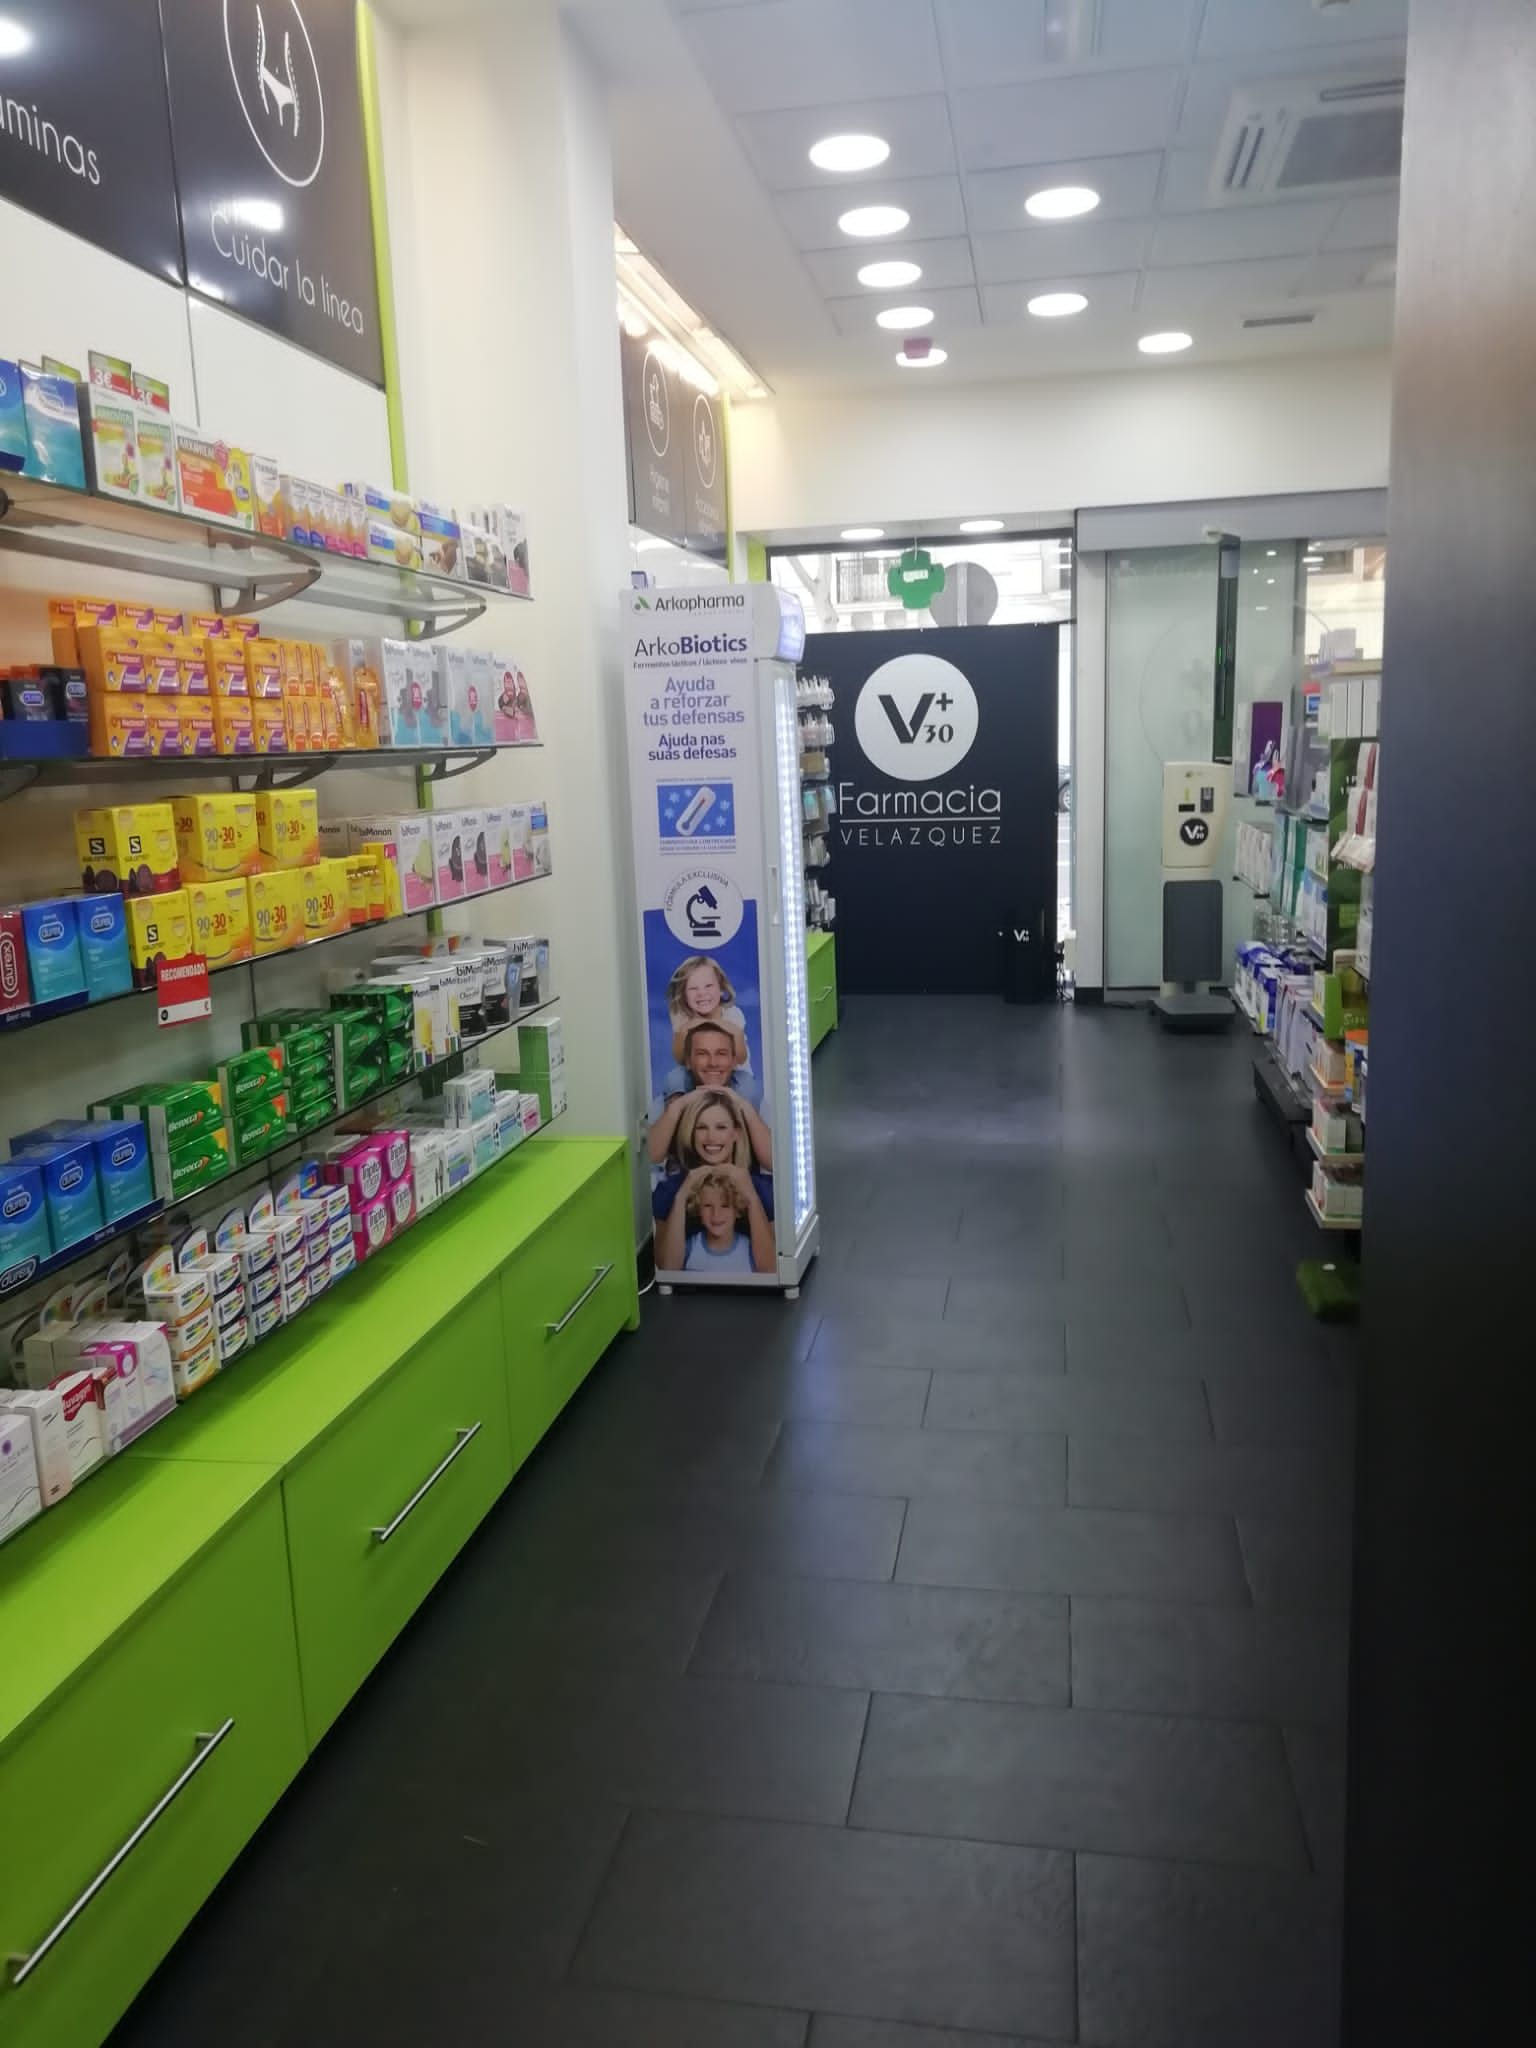 ¿Buscas productos de dermocosmética en Barrio de Salamanca?